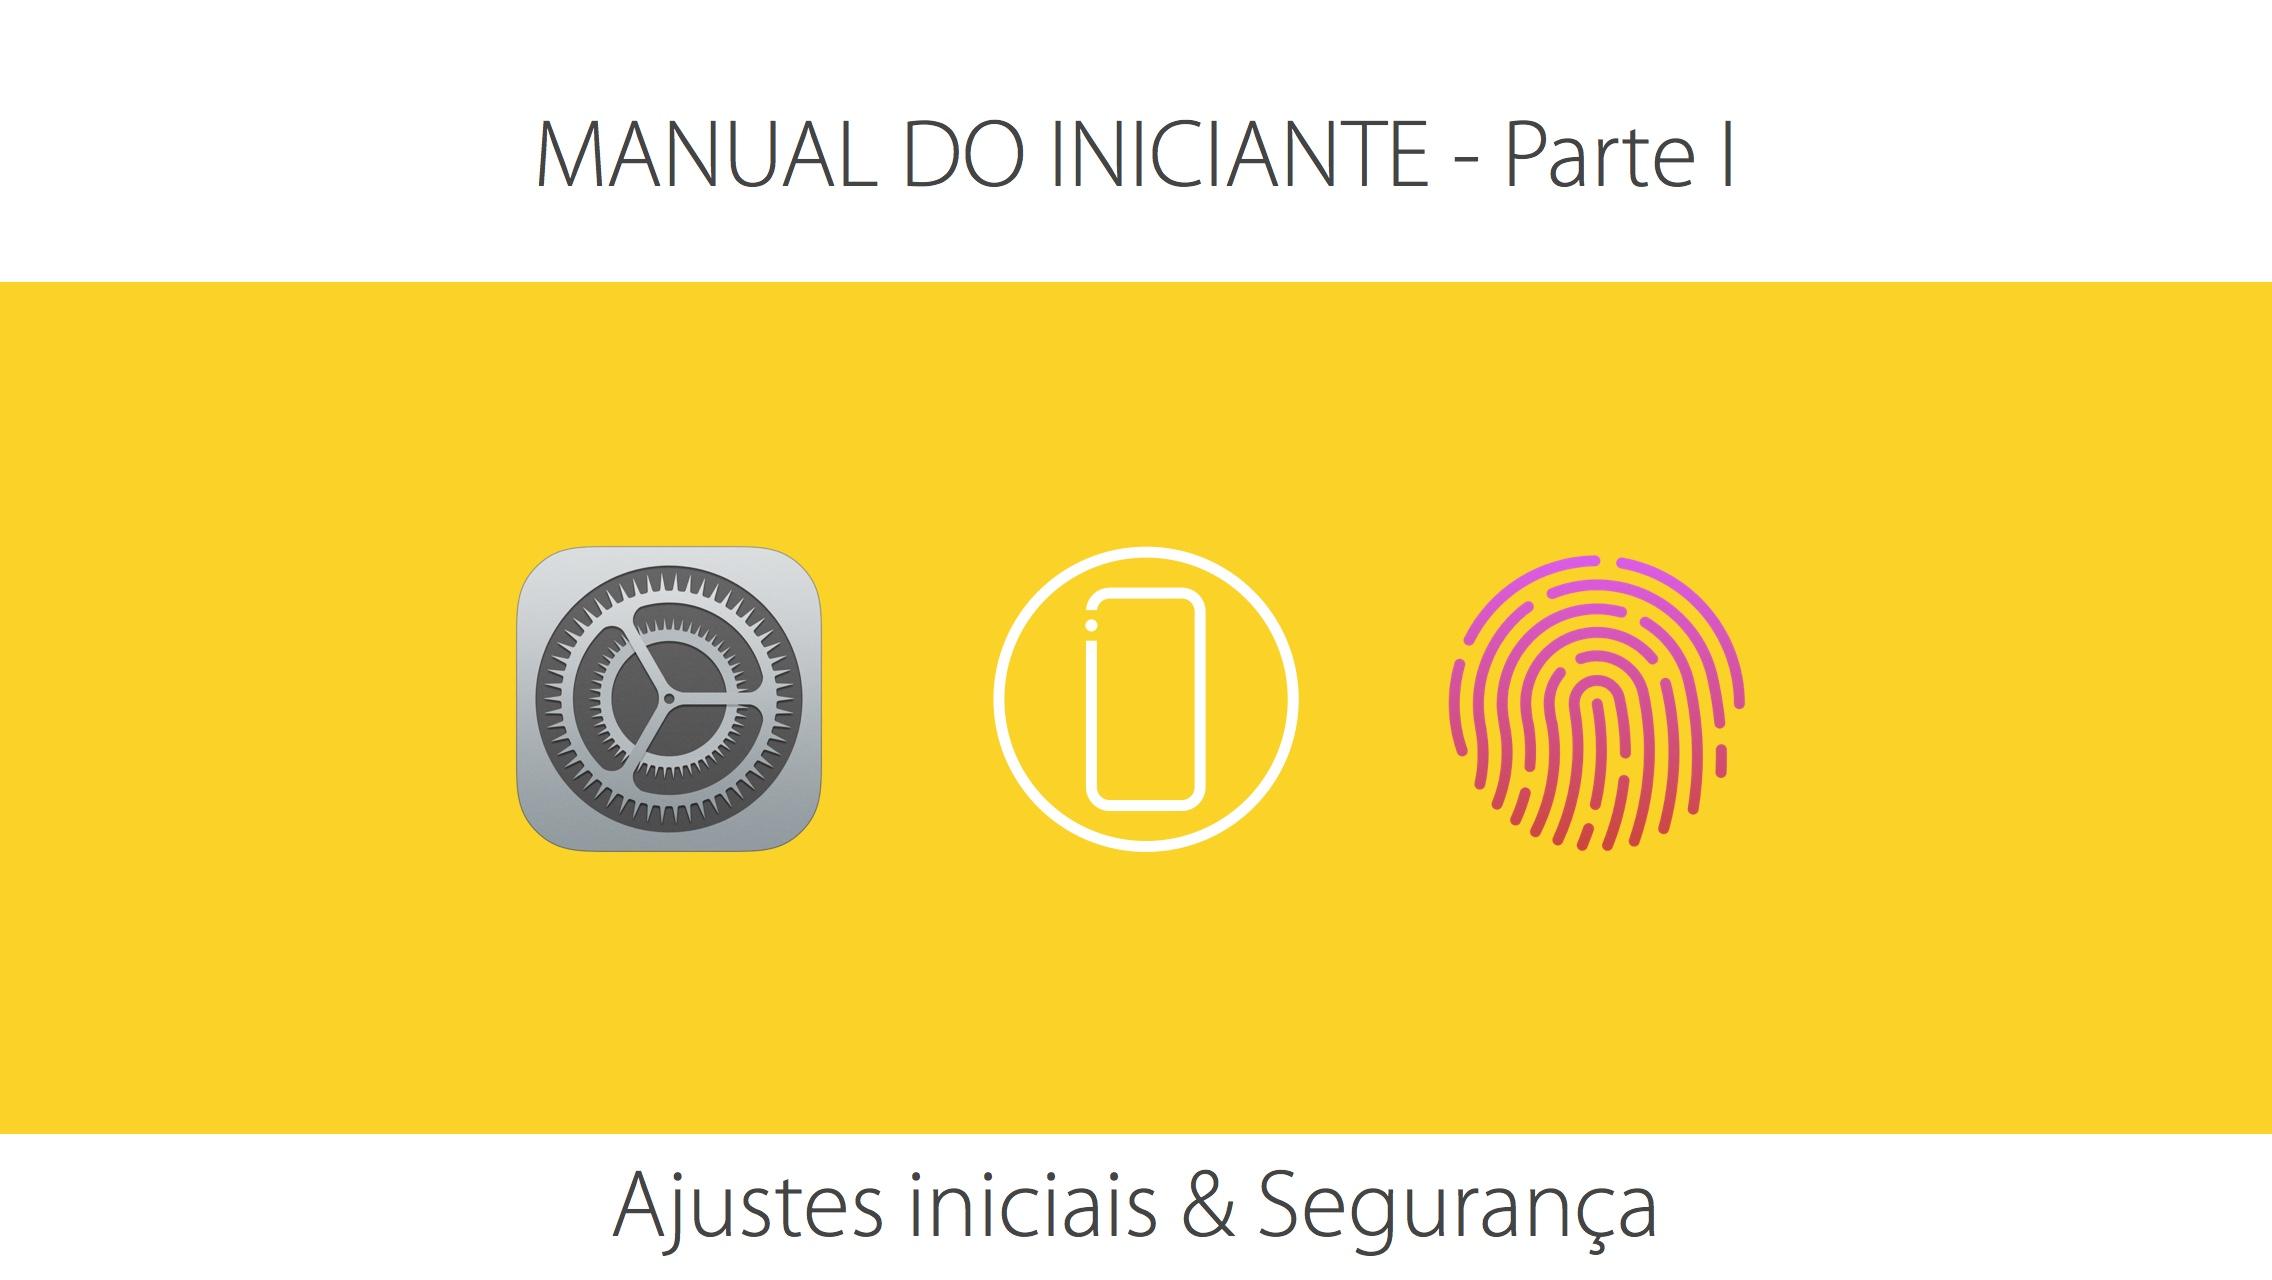 [Manual do Iniciante] Parte I – Ajustes Iniciais & Segurança para iPhone